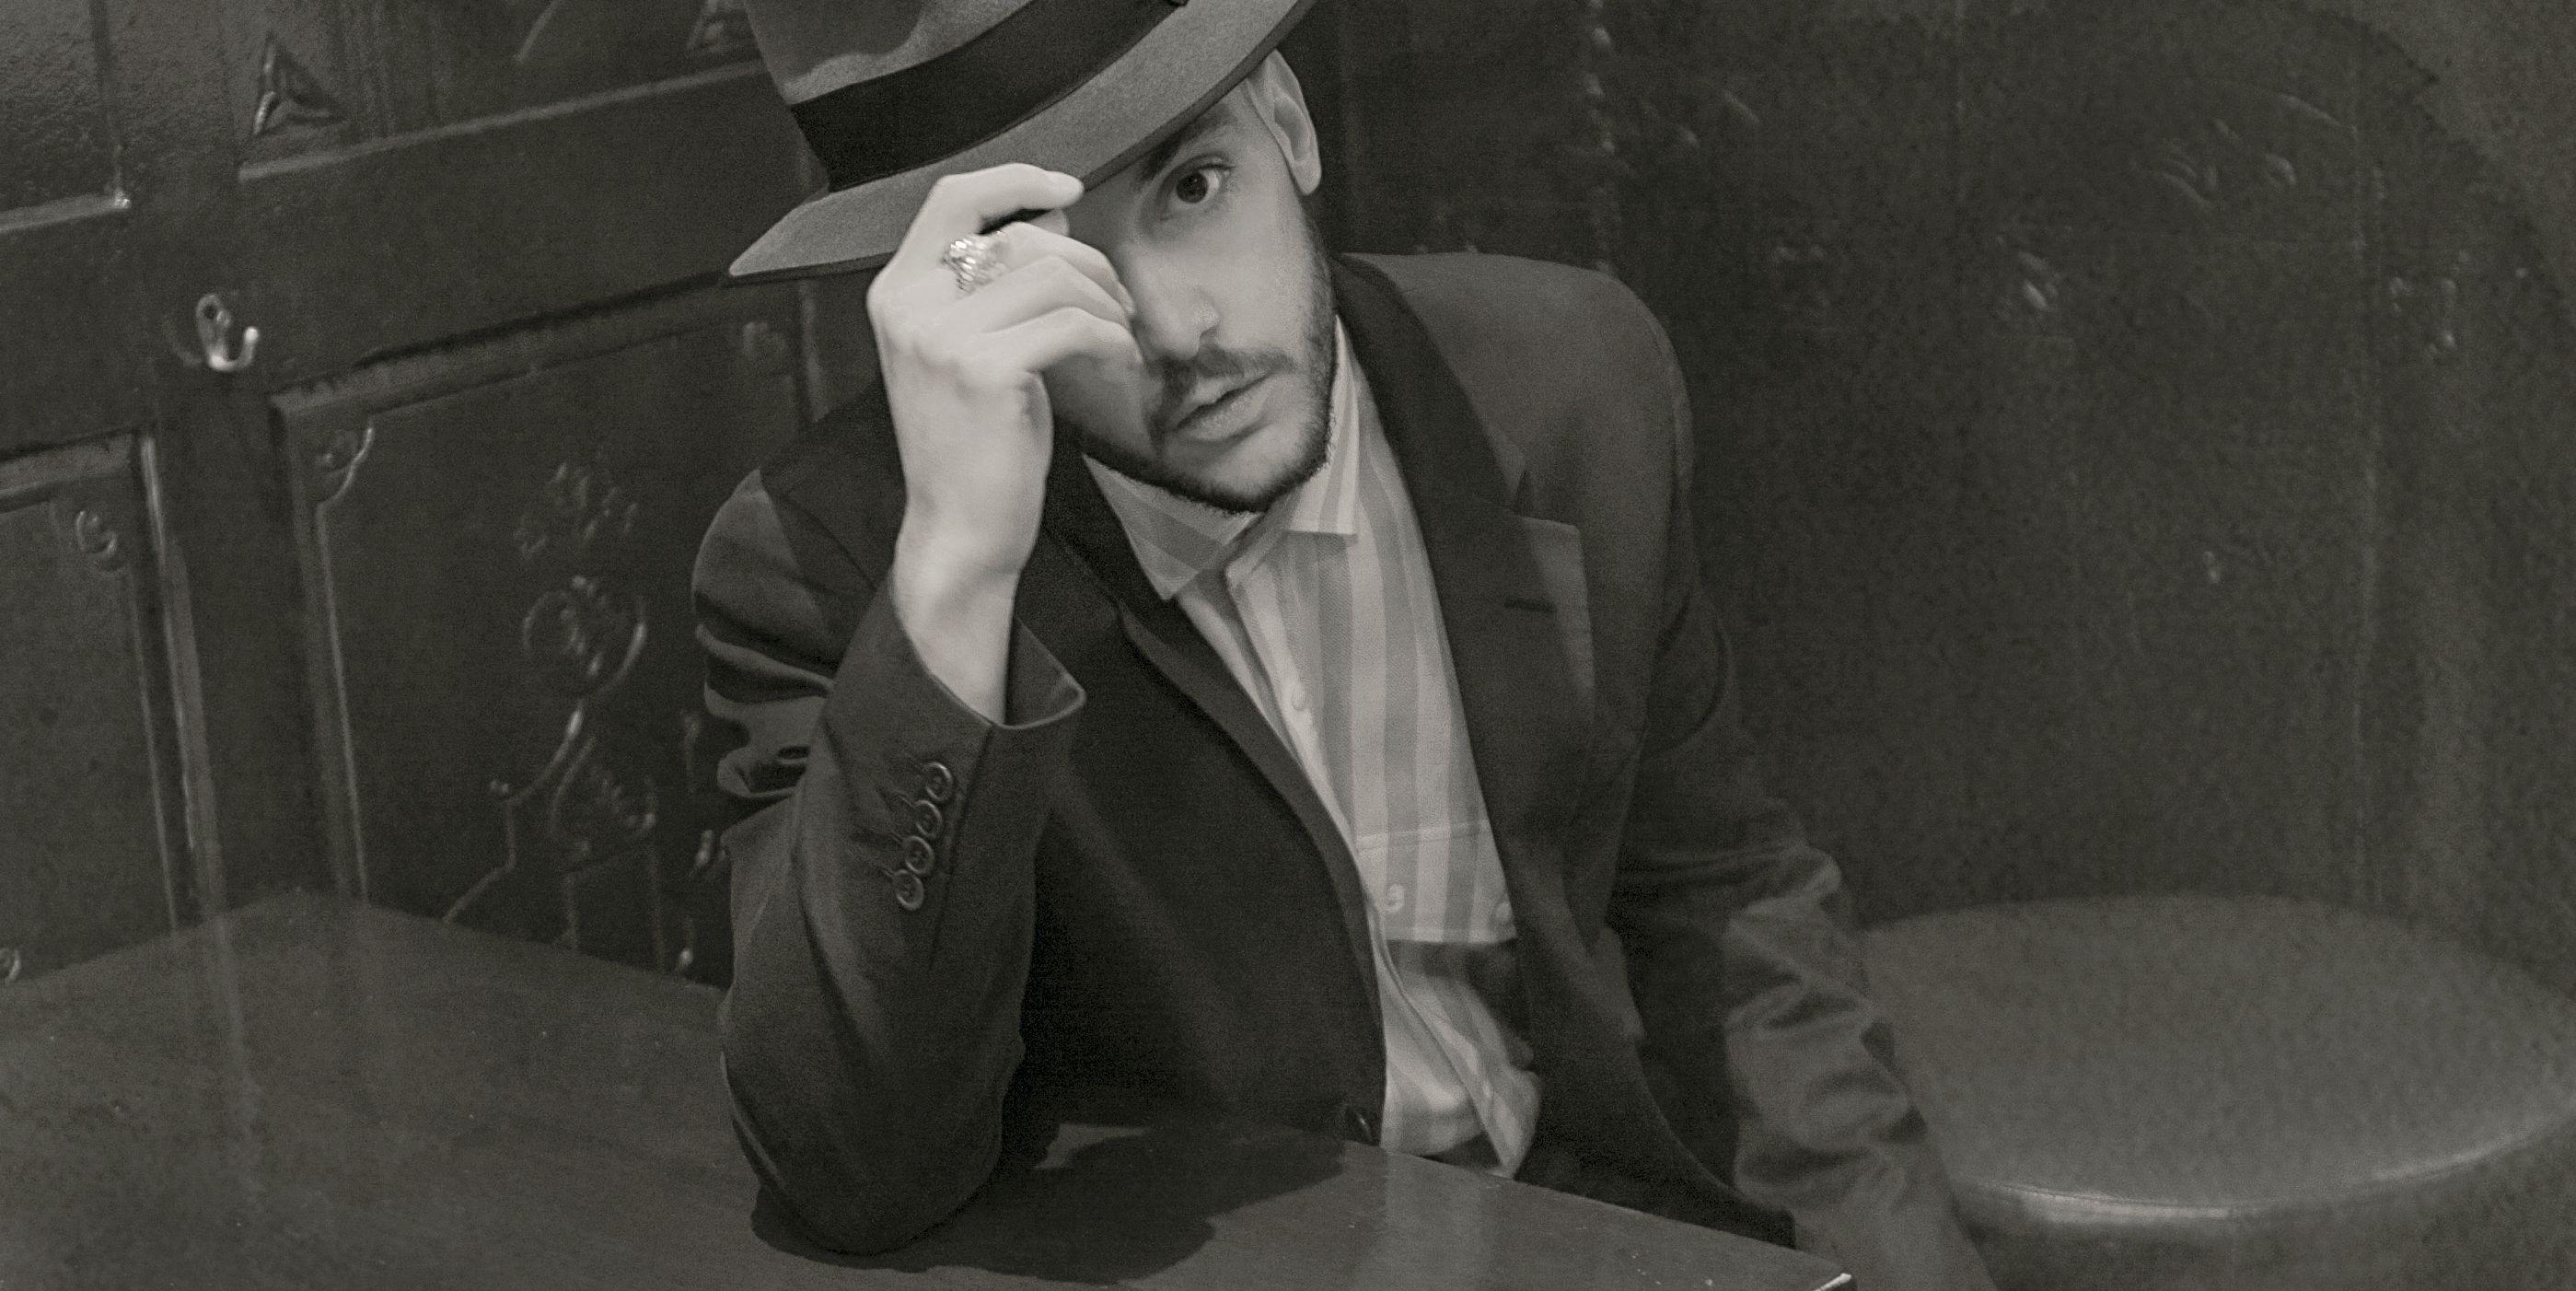 C. Tangana sexy, elegante, retro, seductor, hot, con sombrero